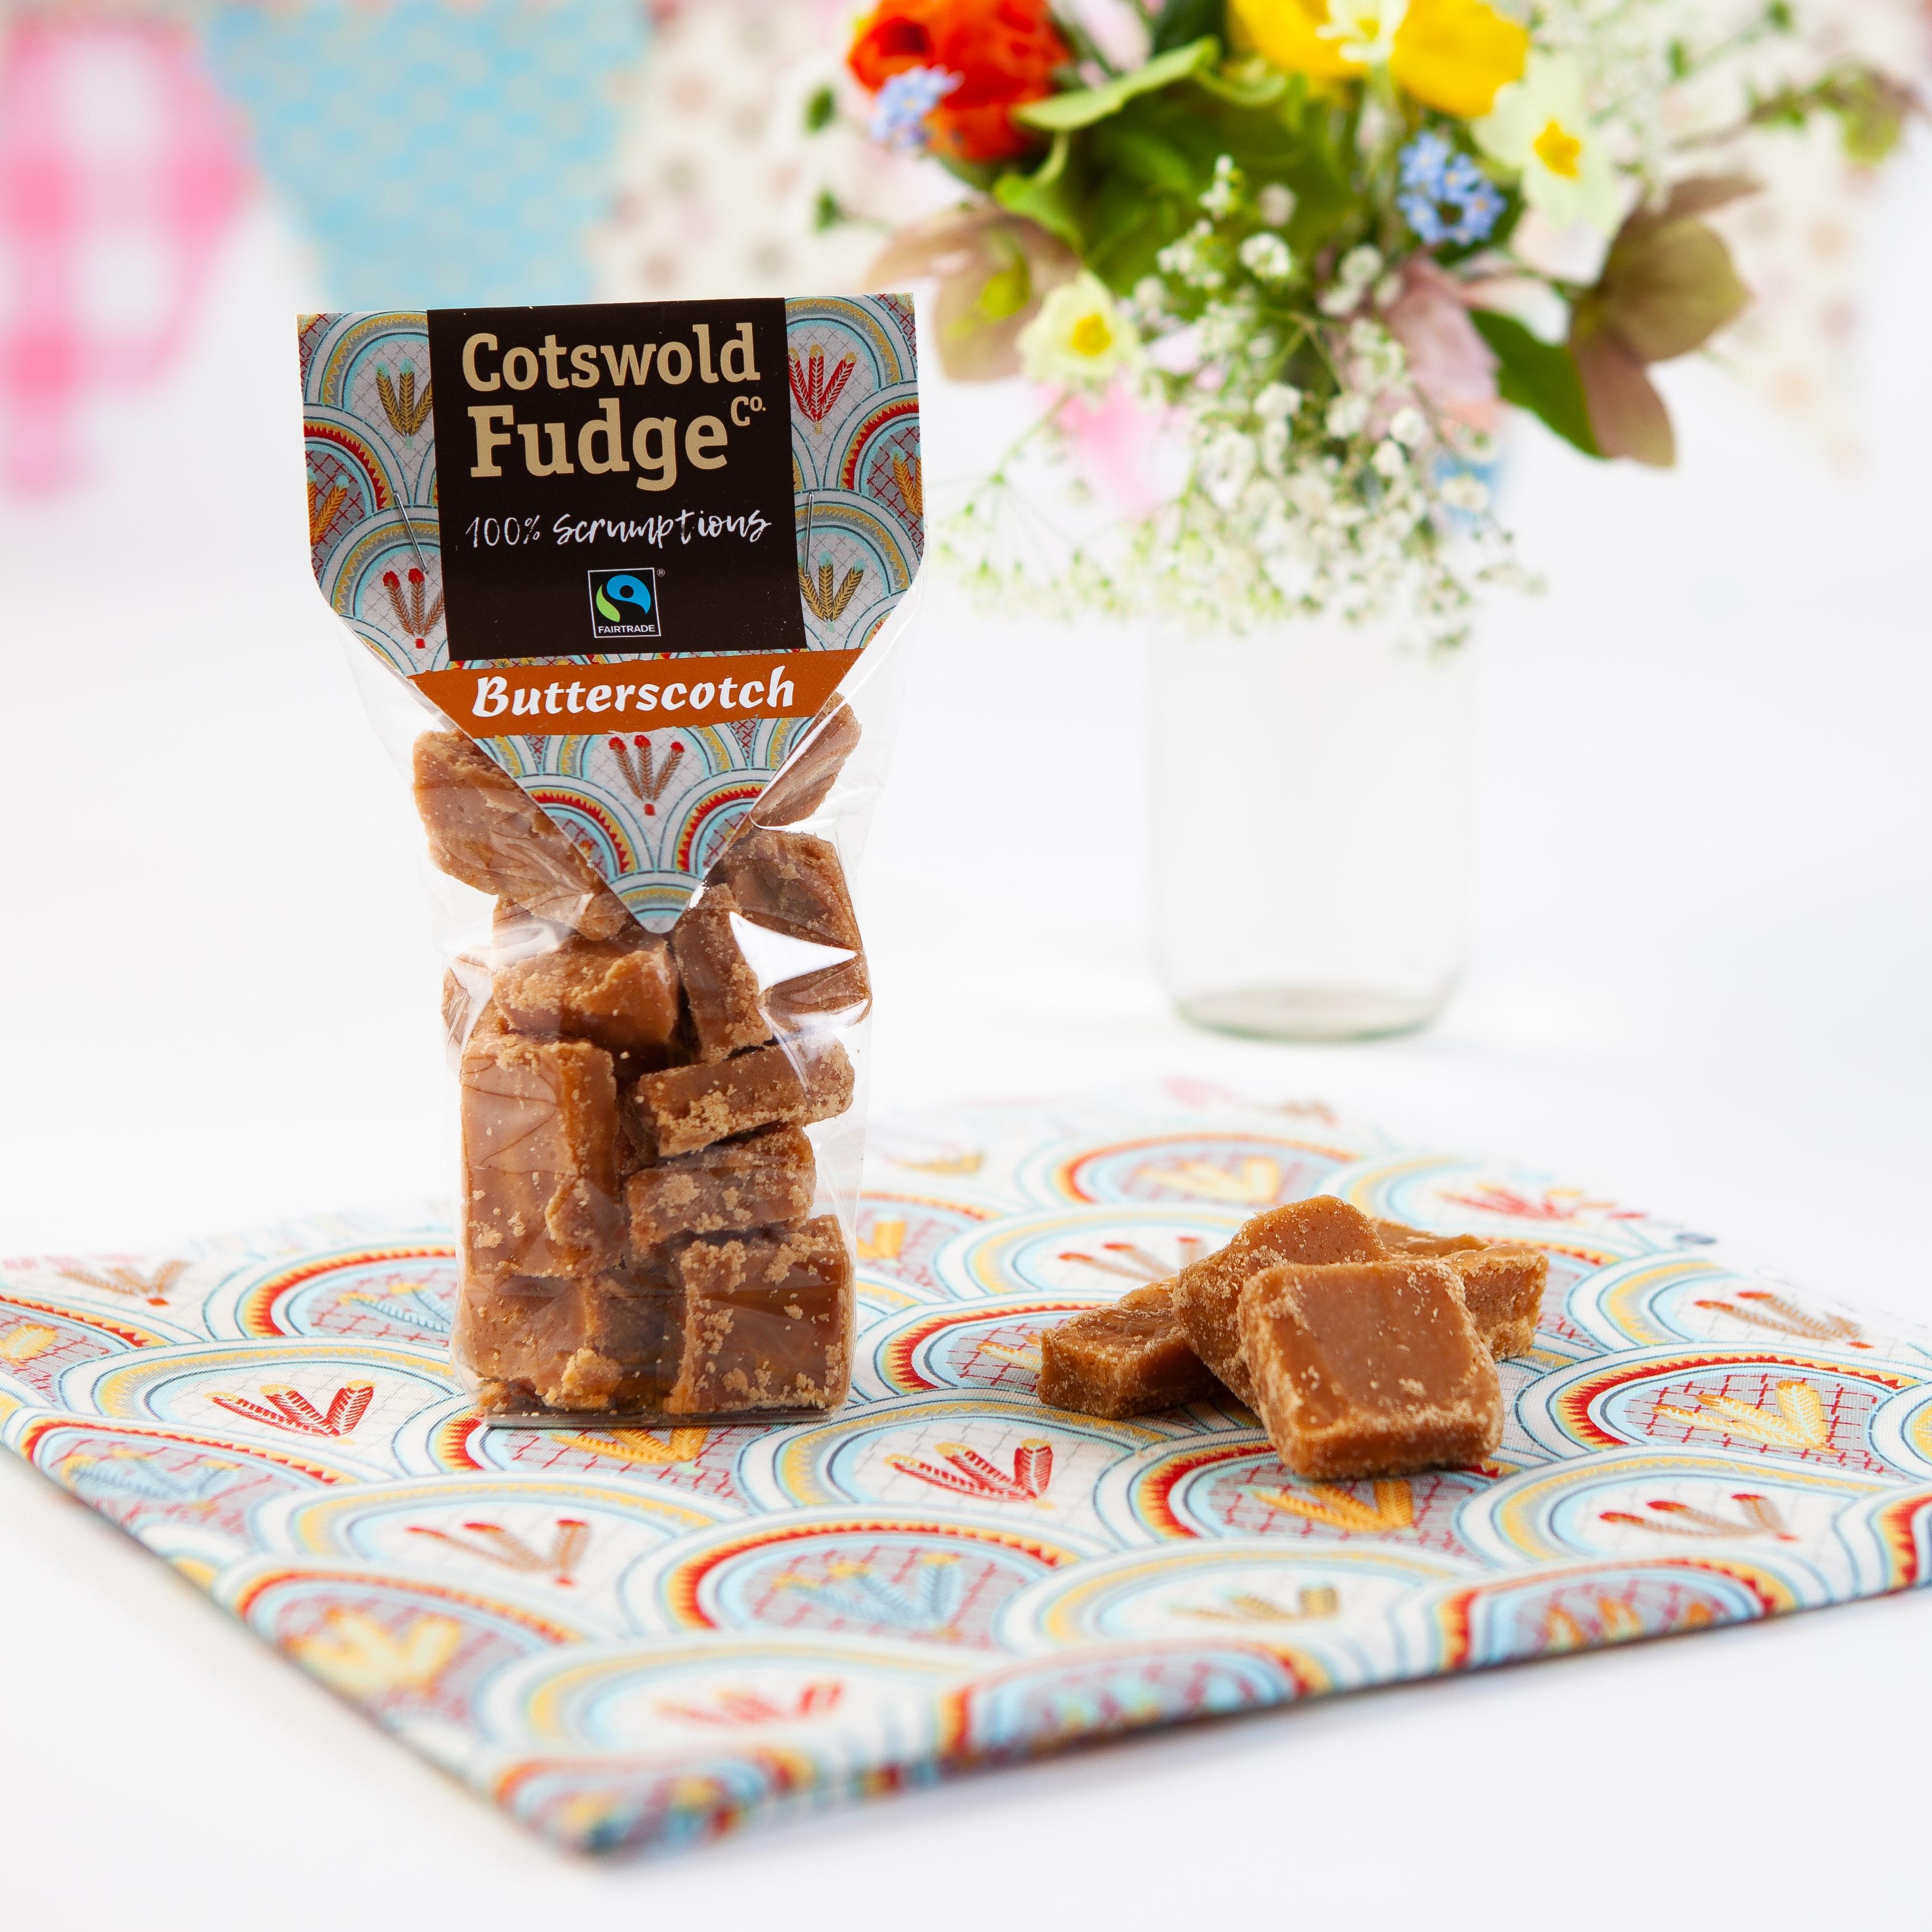 Cotswold Fudge Co Butterscotch